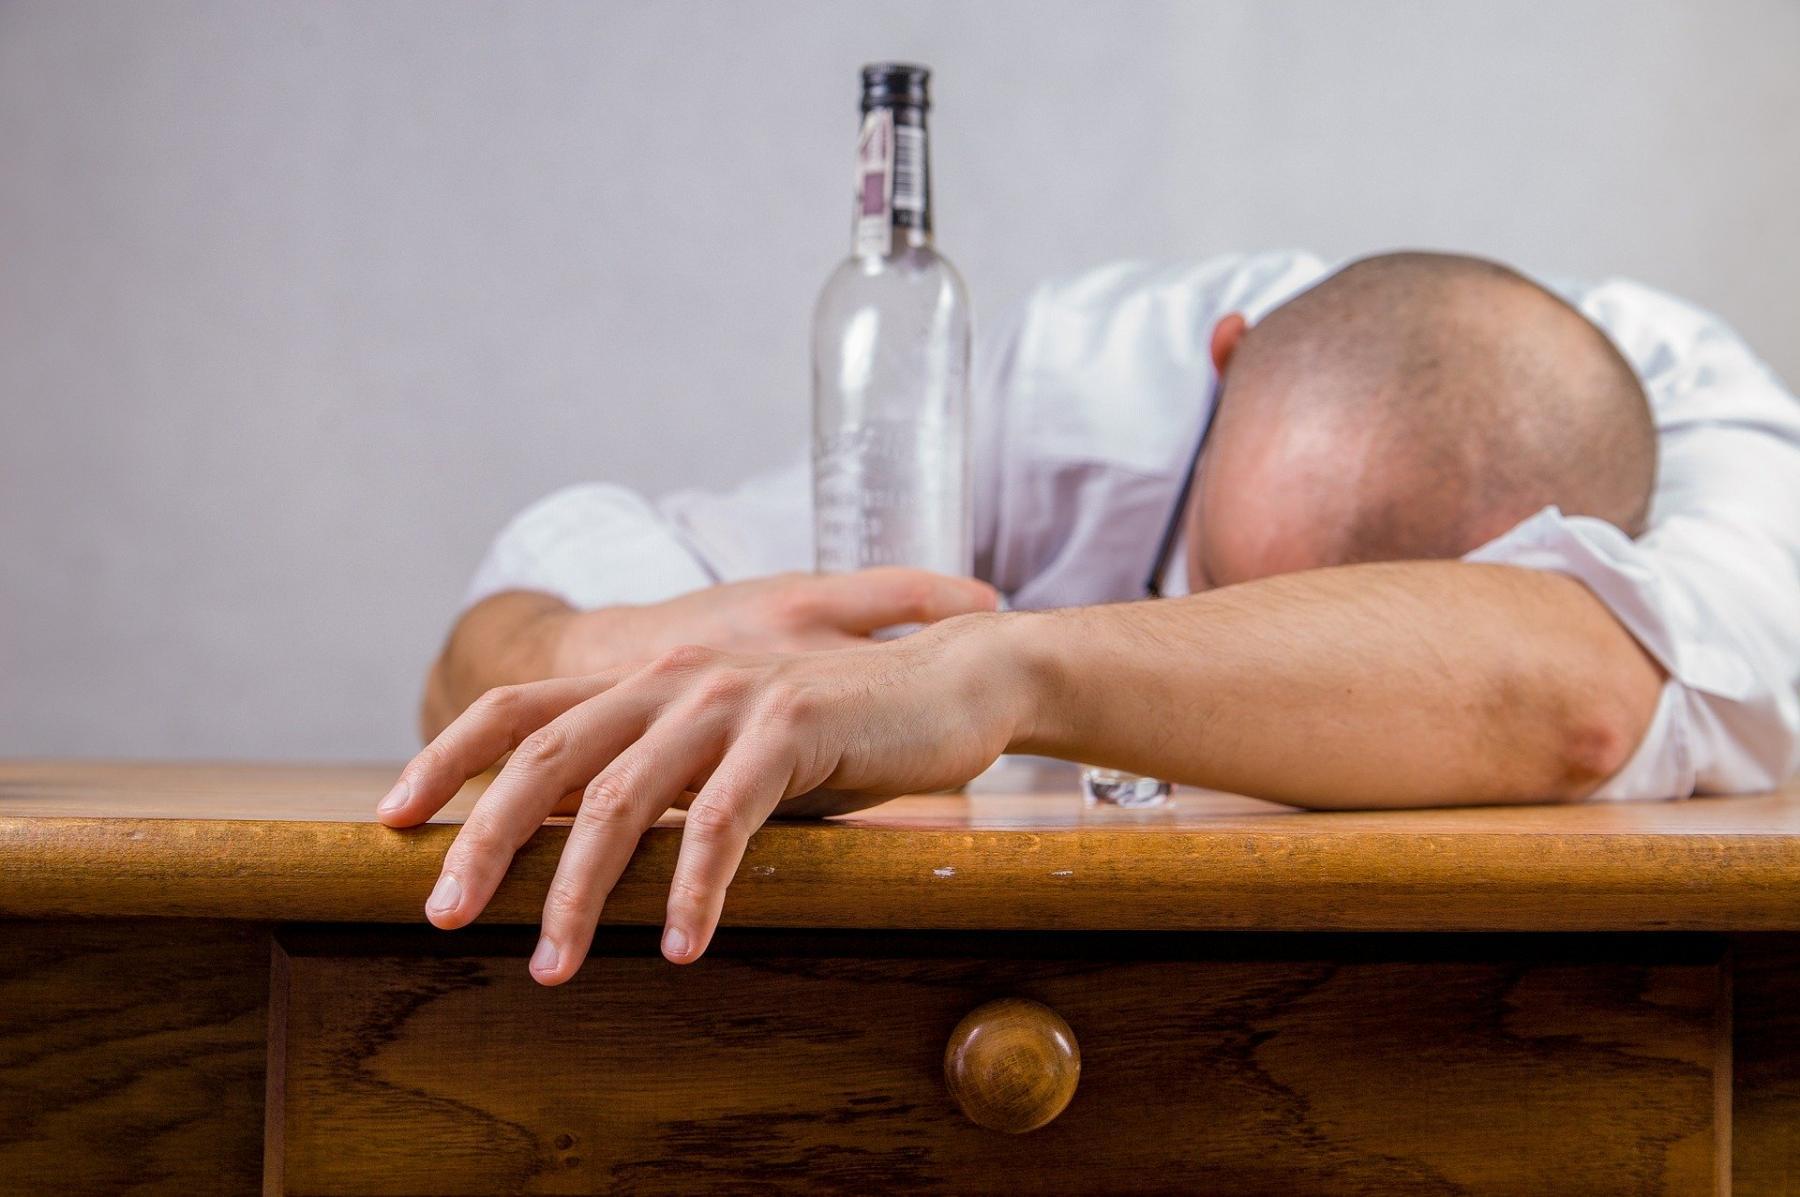 фото Ограничить продажу алкоголя на Новый год предложили в России 2